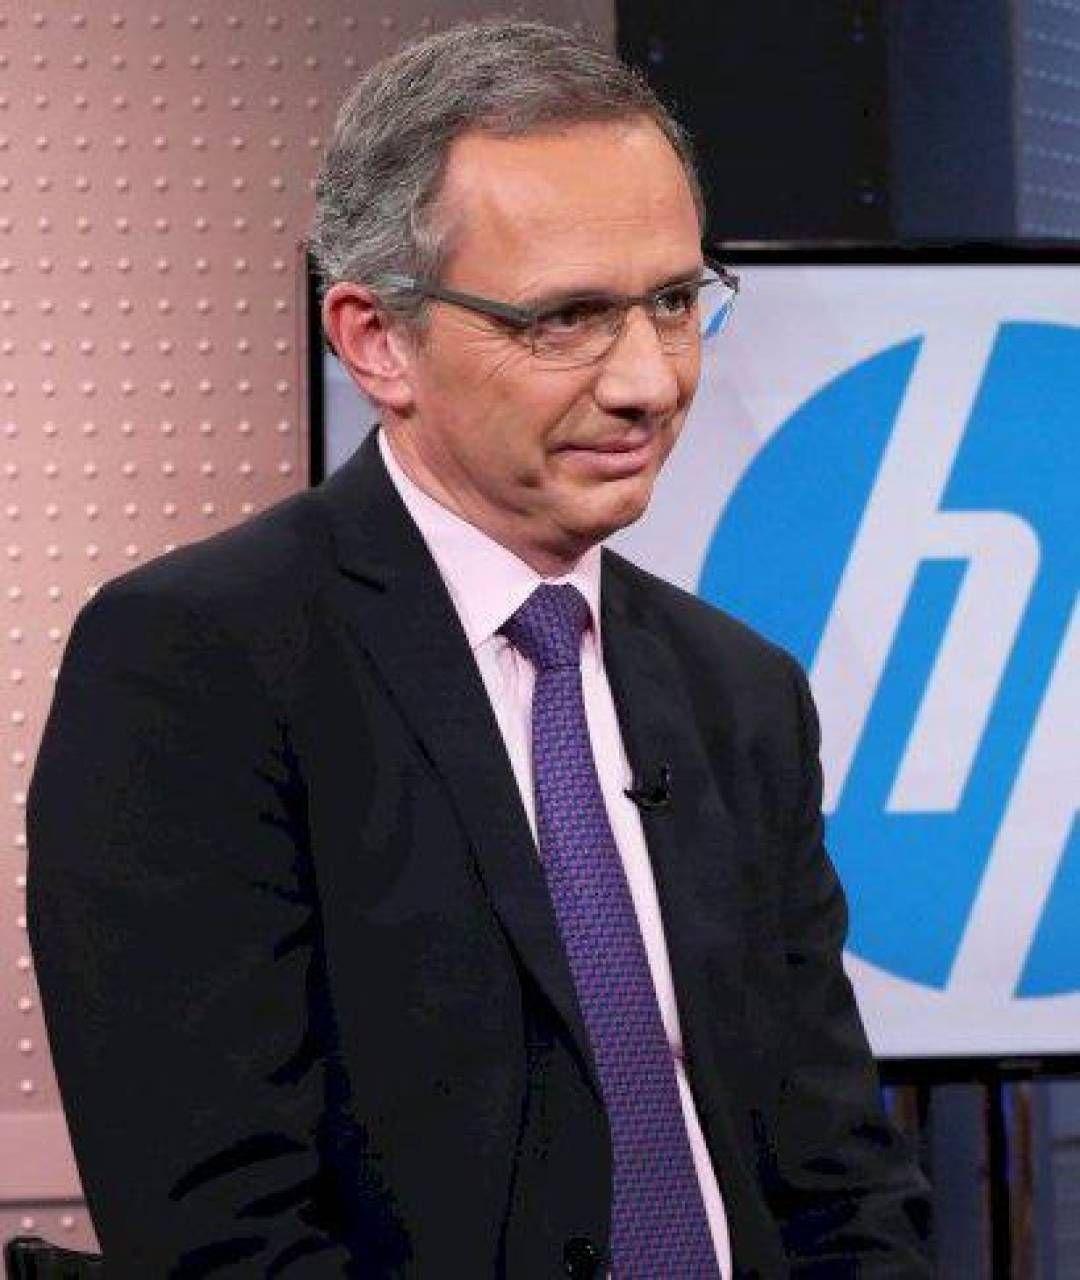 Il manager spagnolo Enrique Lores, 55 anni, è presidente e ceo di Hp Inc dal novembre 2019